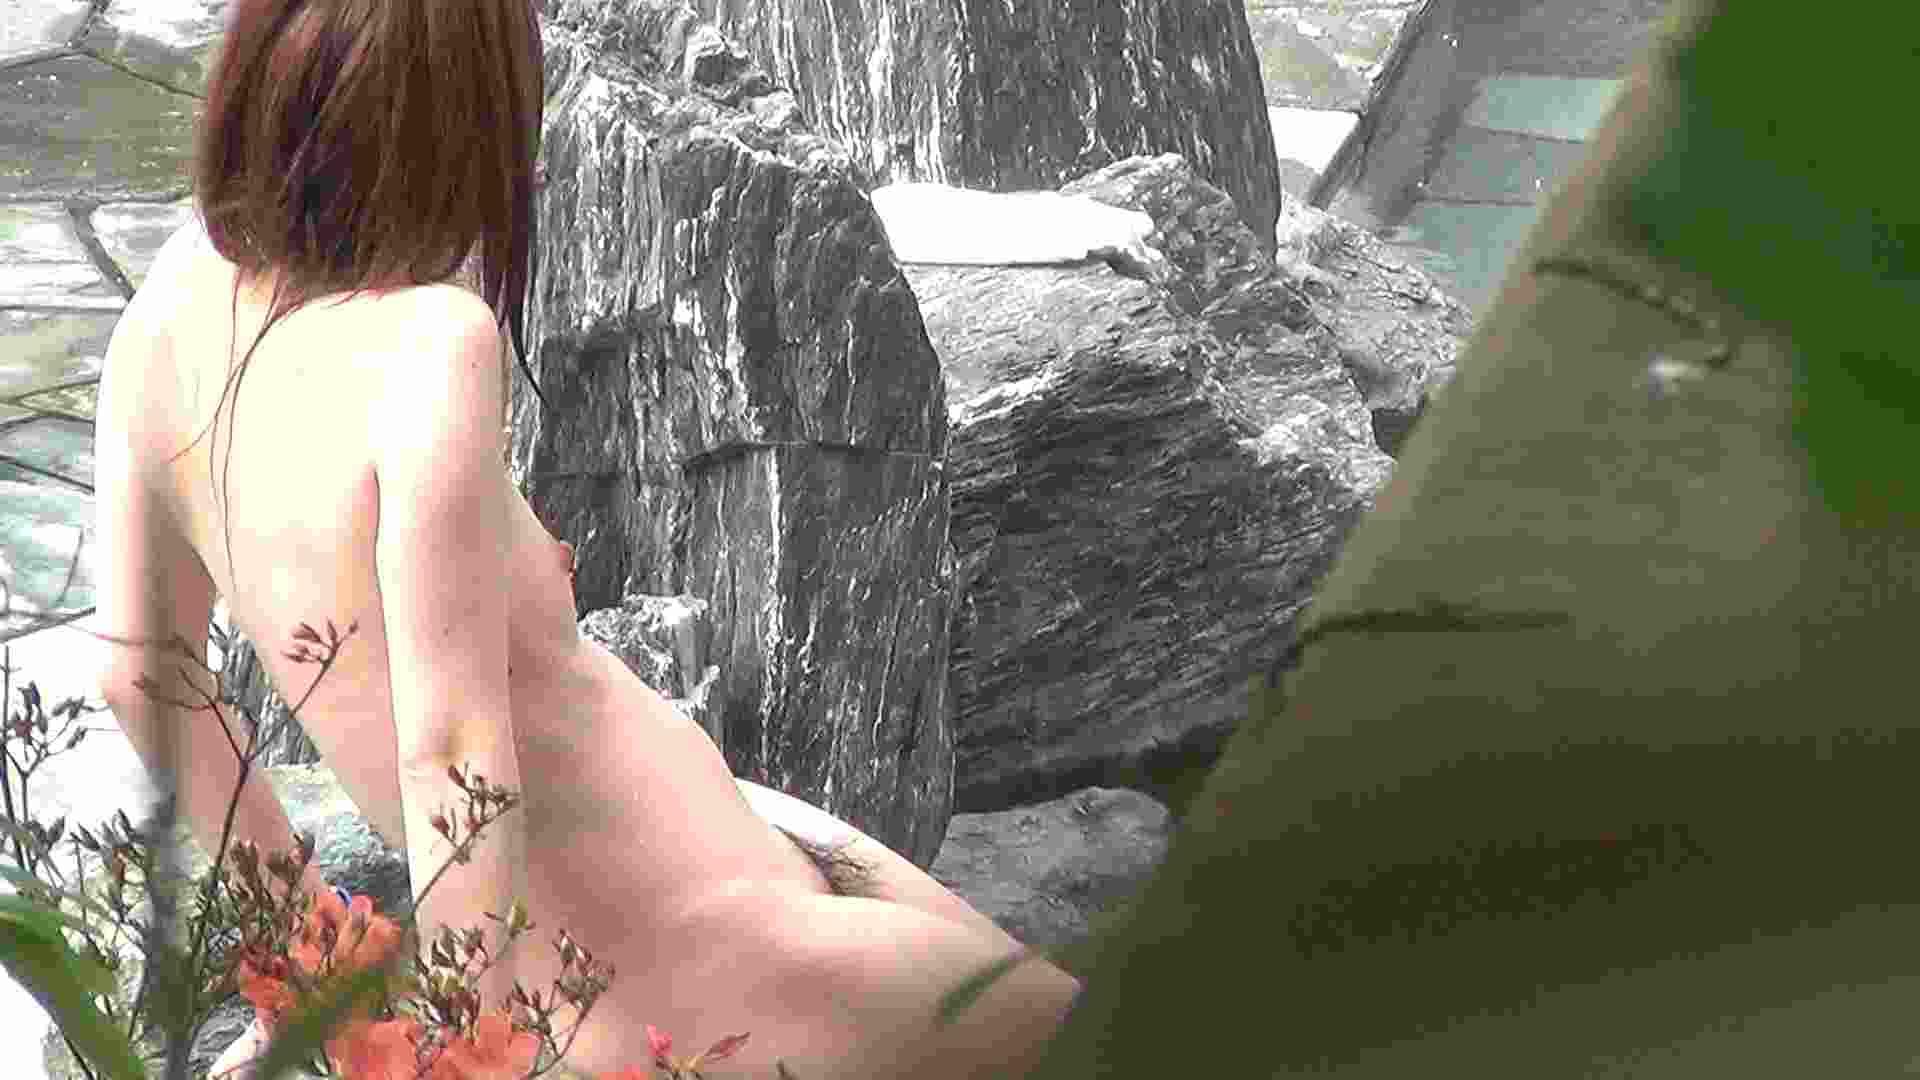 ハイビジョンVol.14 年齢とともに大きくなる心と乳首 細身女性  59画像 35